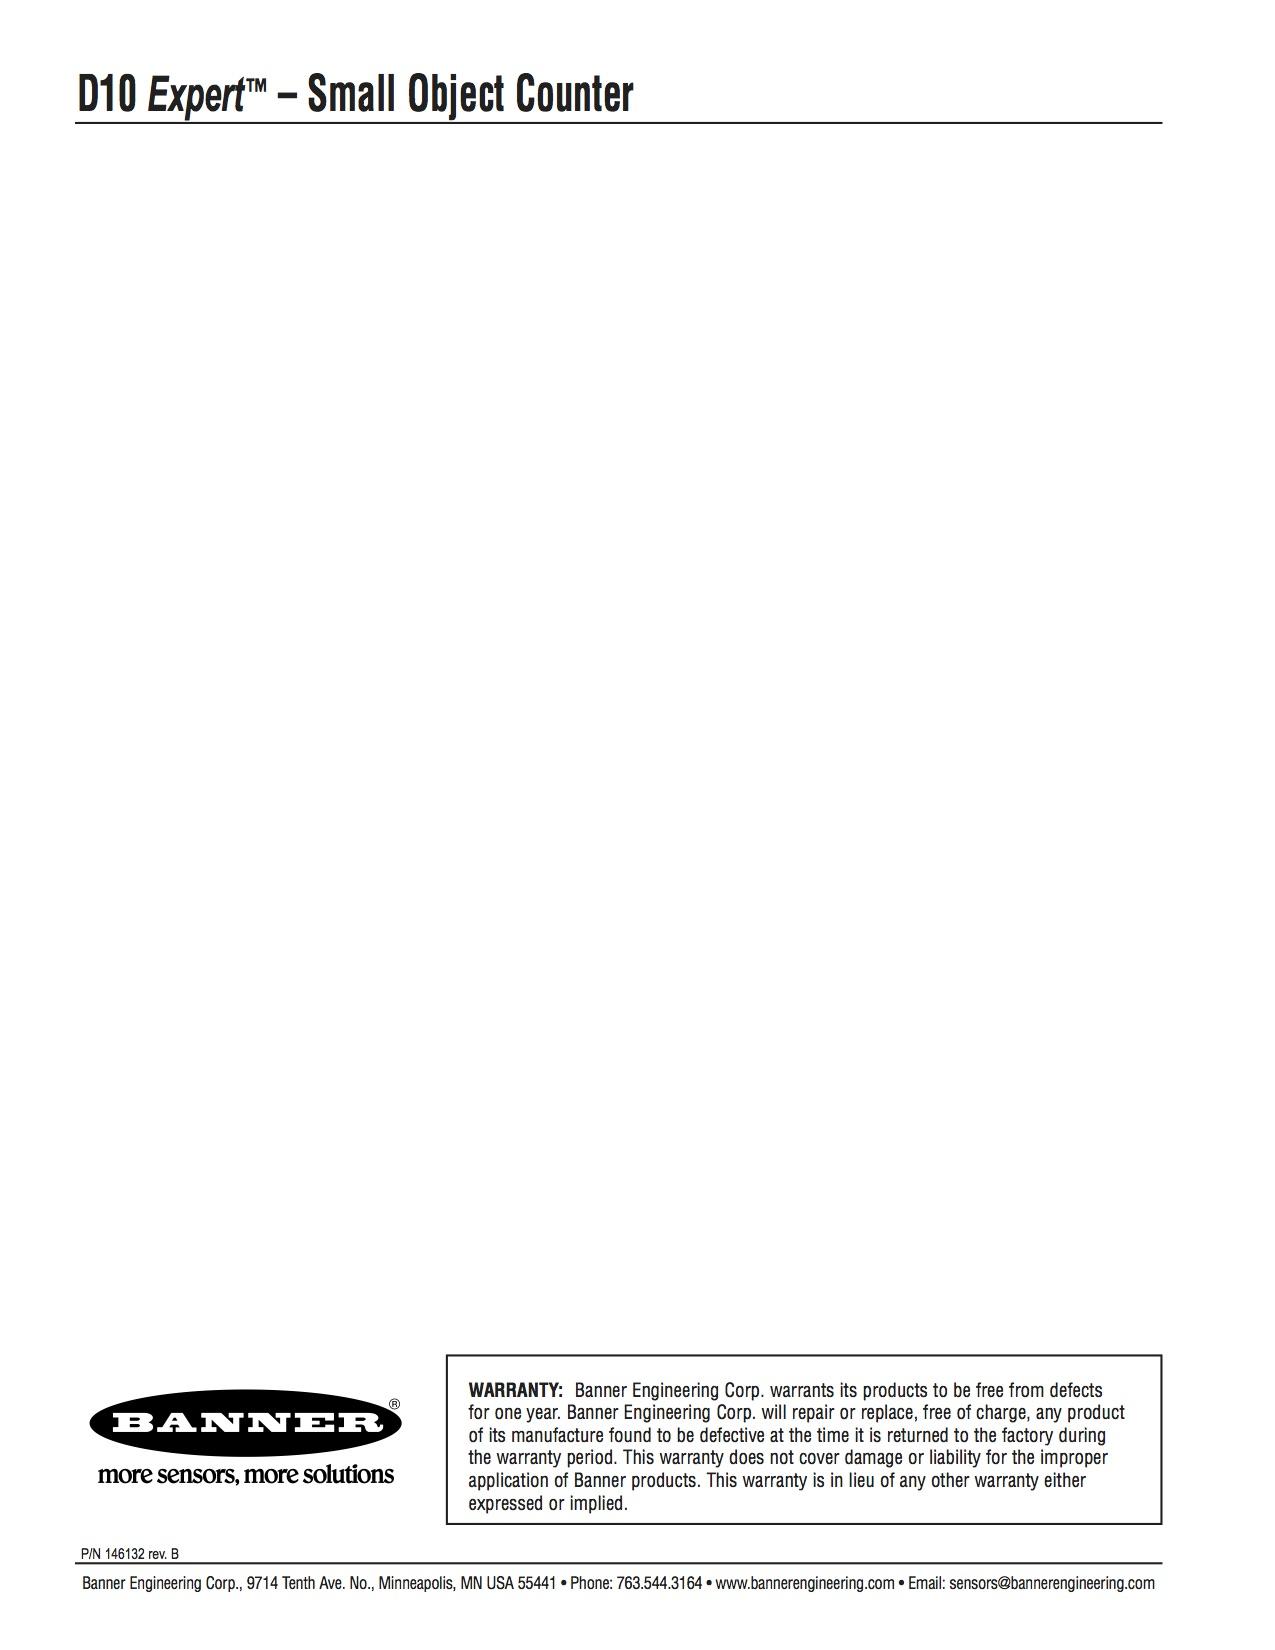 banner-datasheet-d10-12.jpg